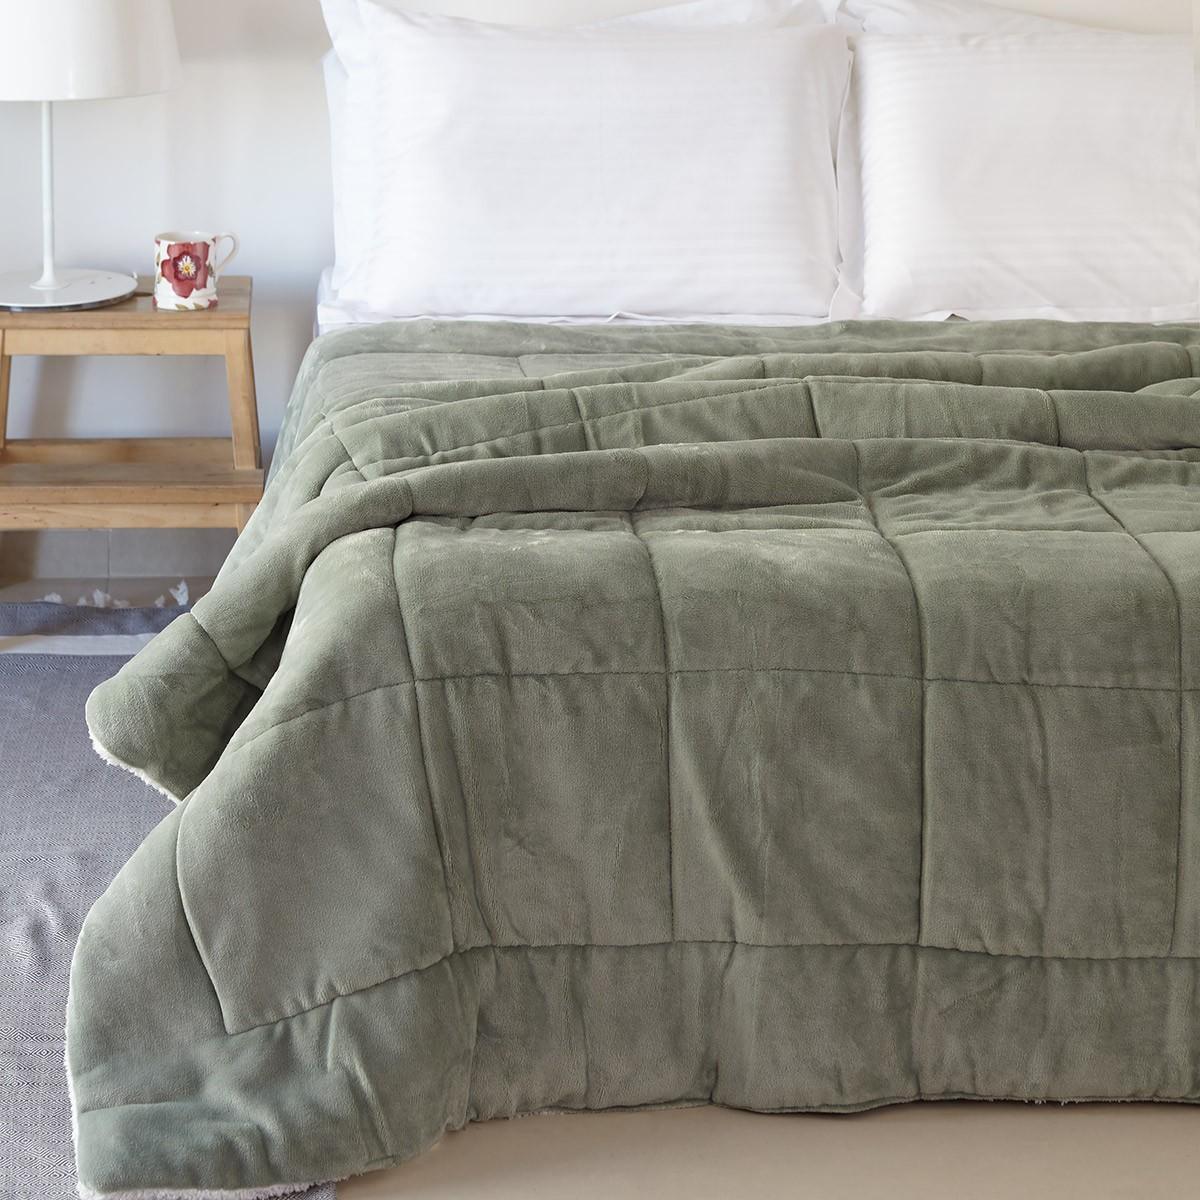 Κουβερτοπάπλωμα Υπέρδιπλο Melinen Molly Waterlilly home   κρεβατοκάμαρα   παπλώματα   κουβερτοπαπλώματα